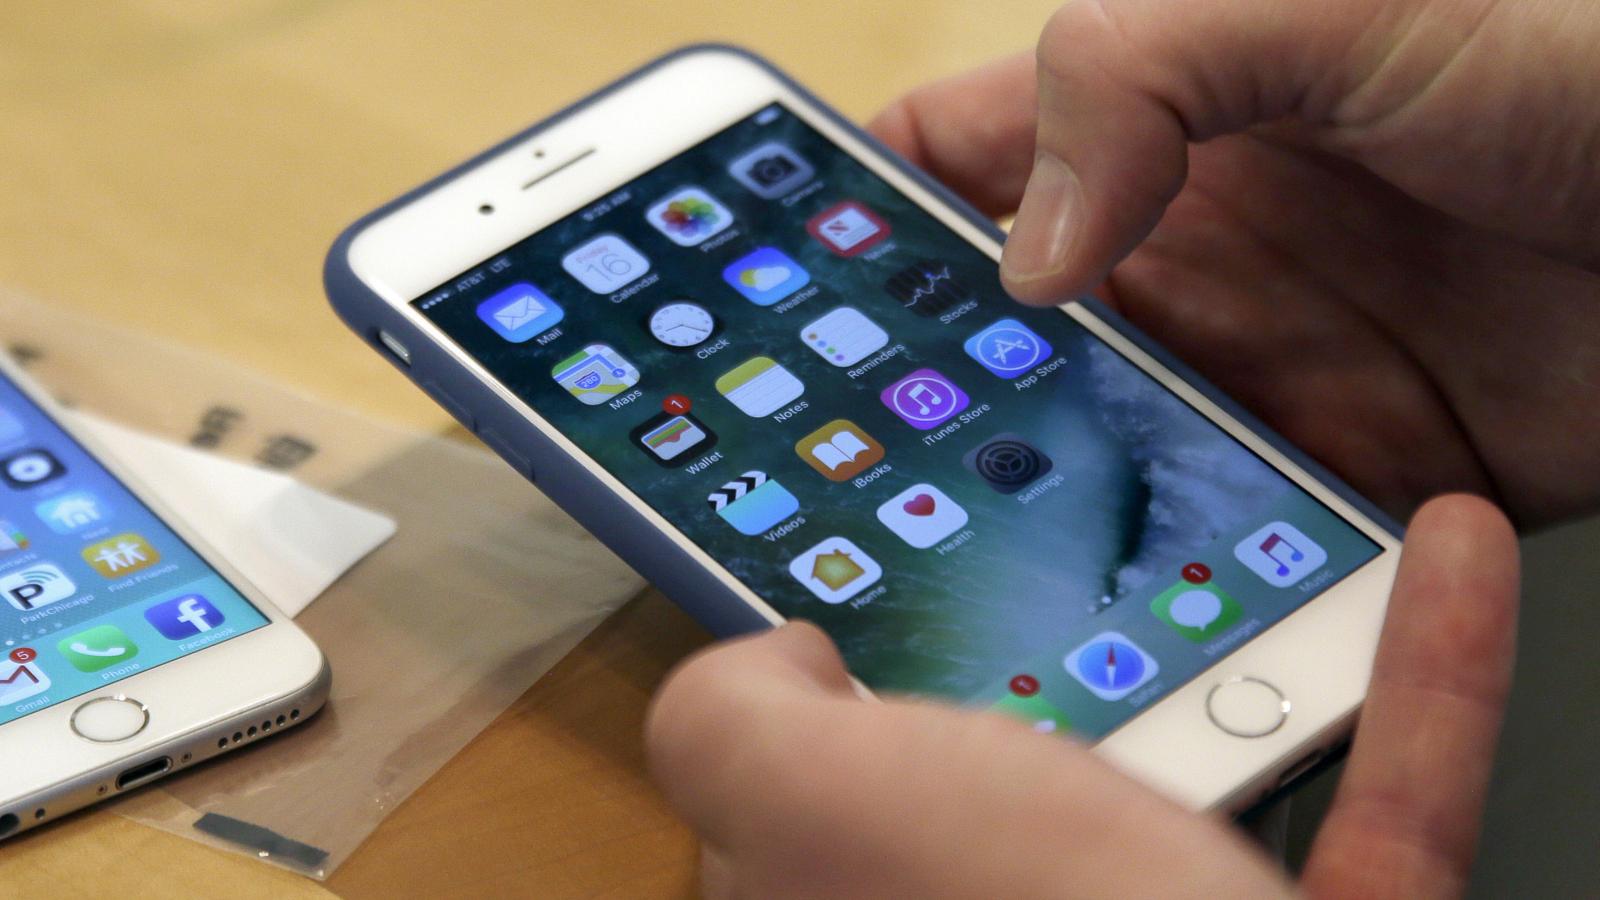 Hände halten iPhone 7 plus